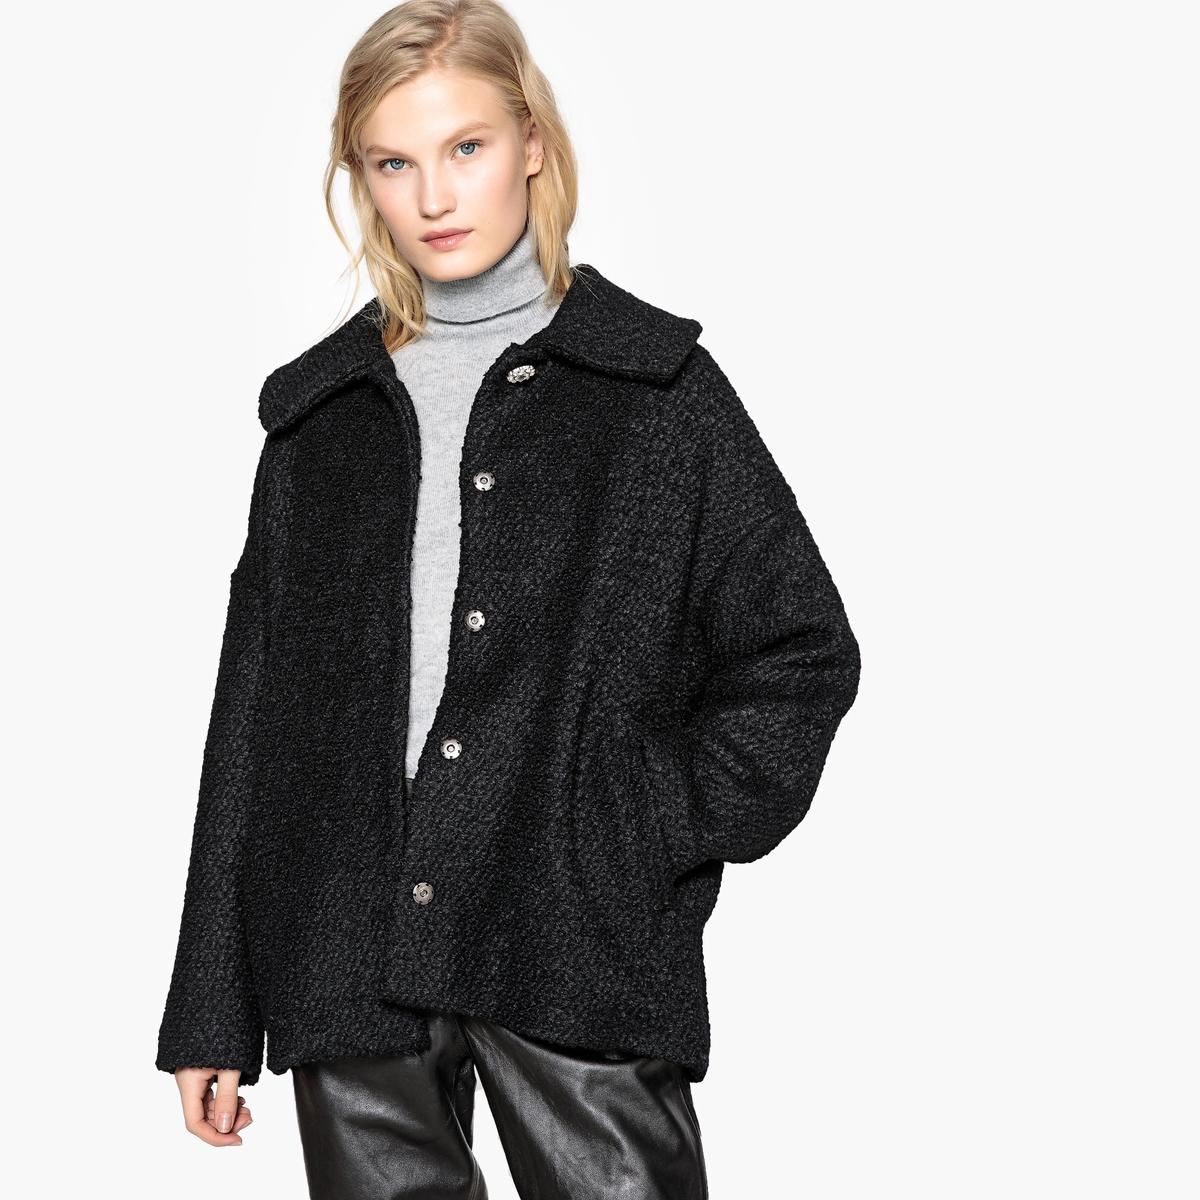 Пальто с украшениями из полушерстяной ткани пальто из шерстяного драпа 70